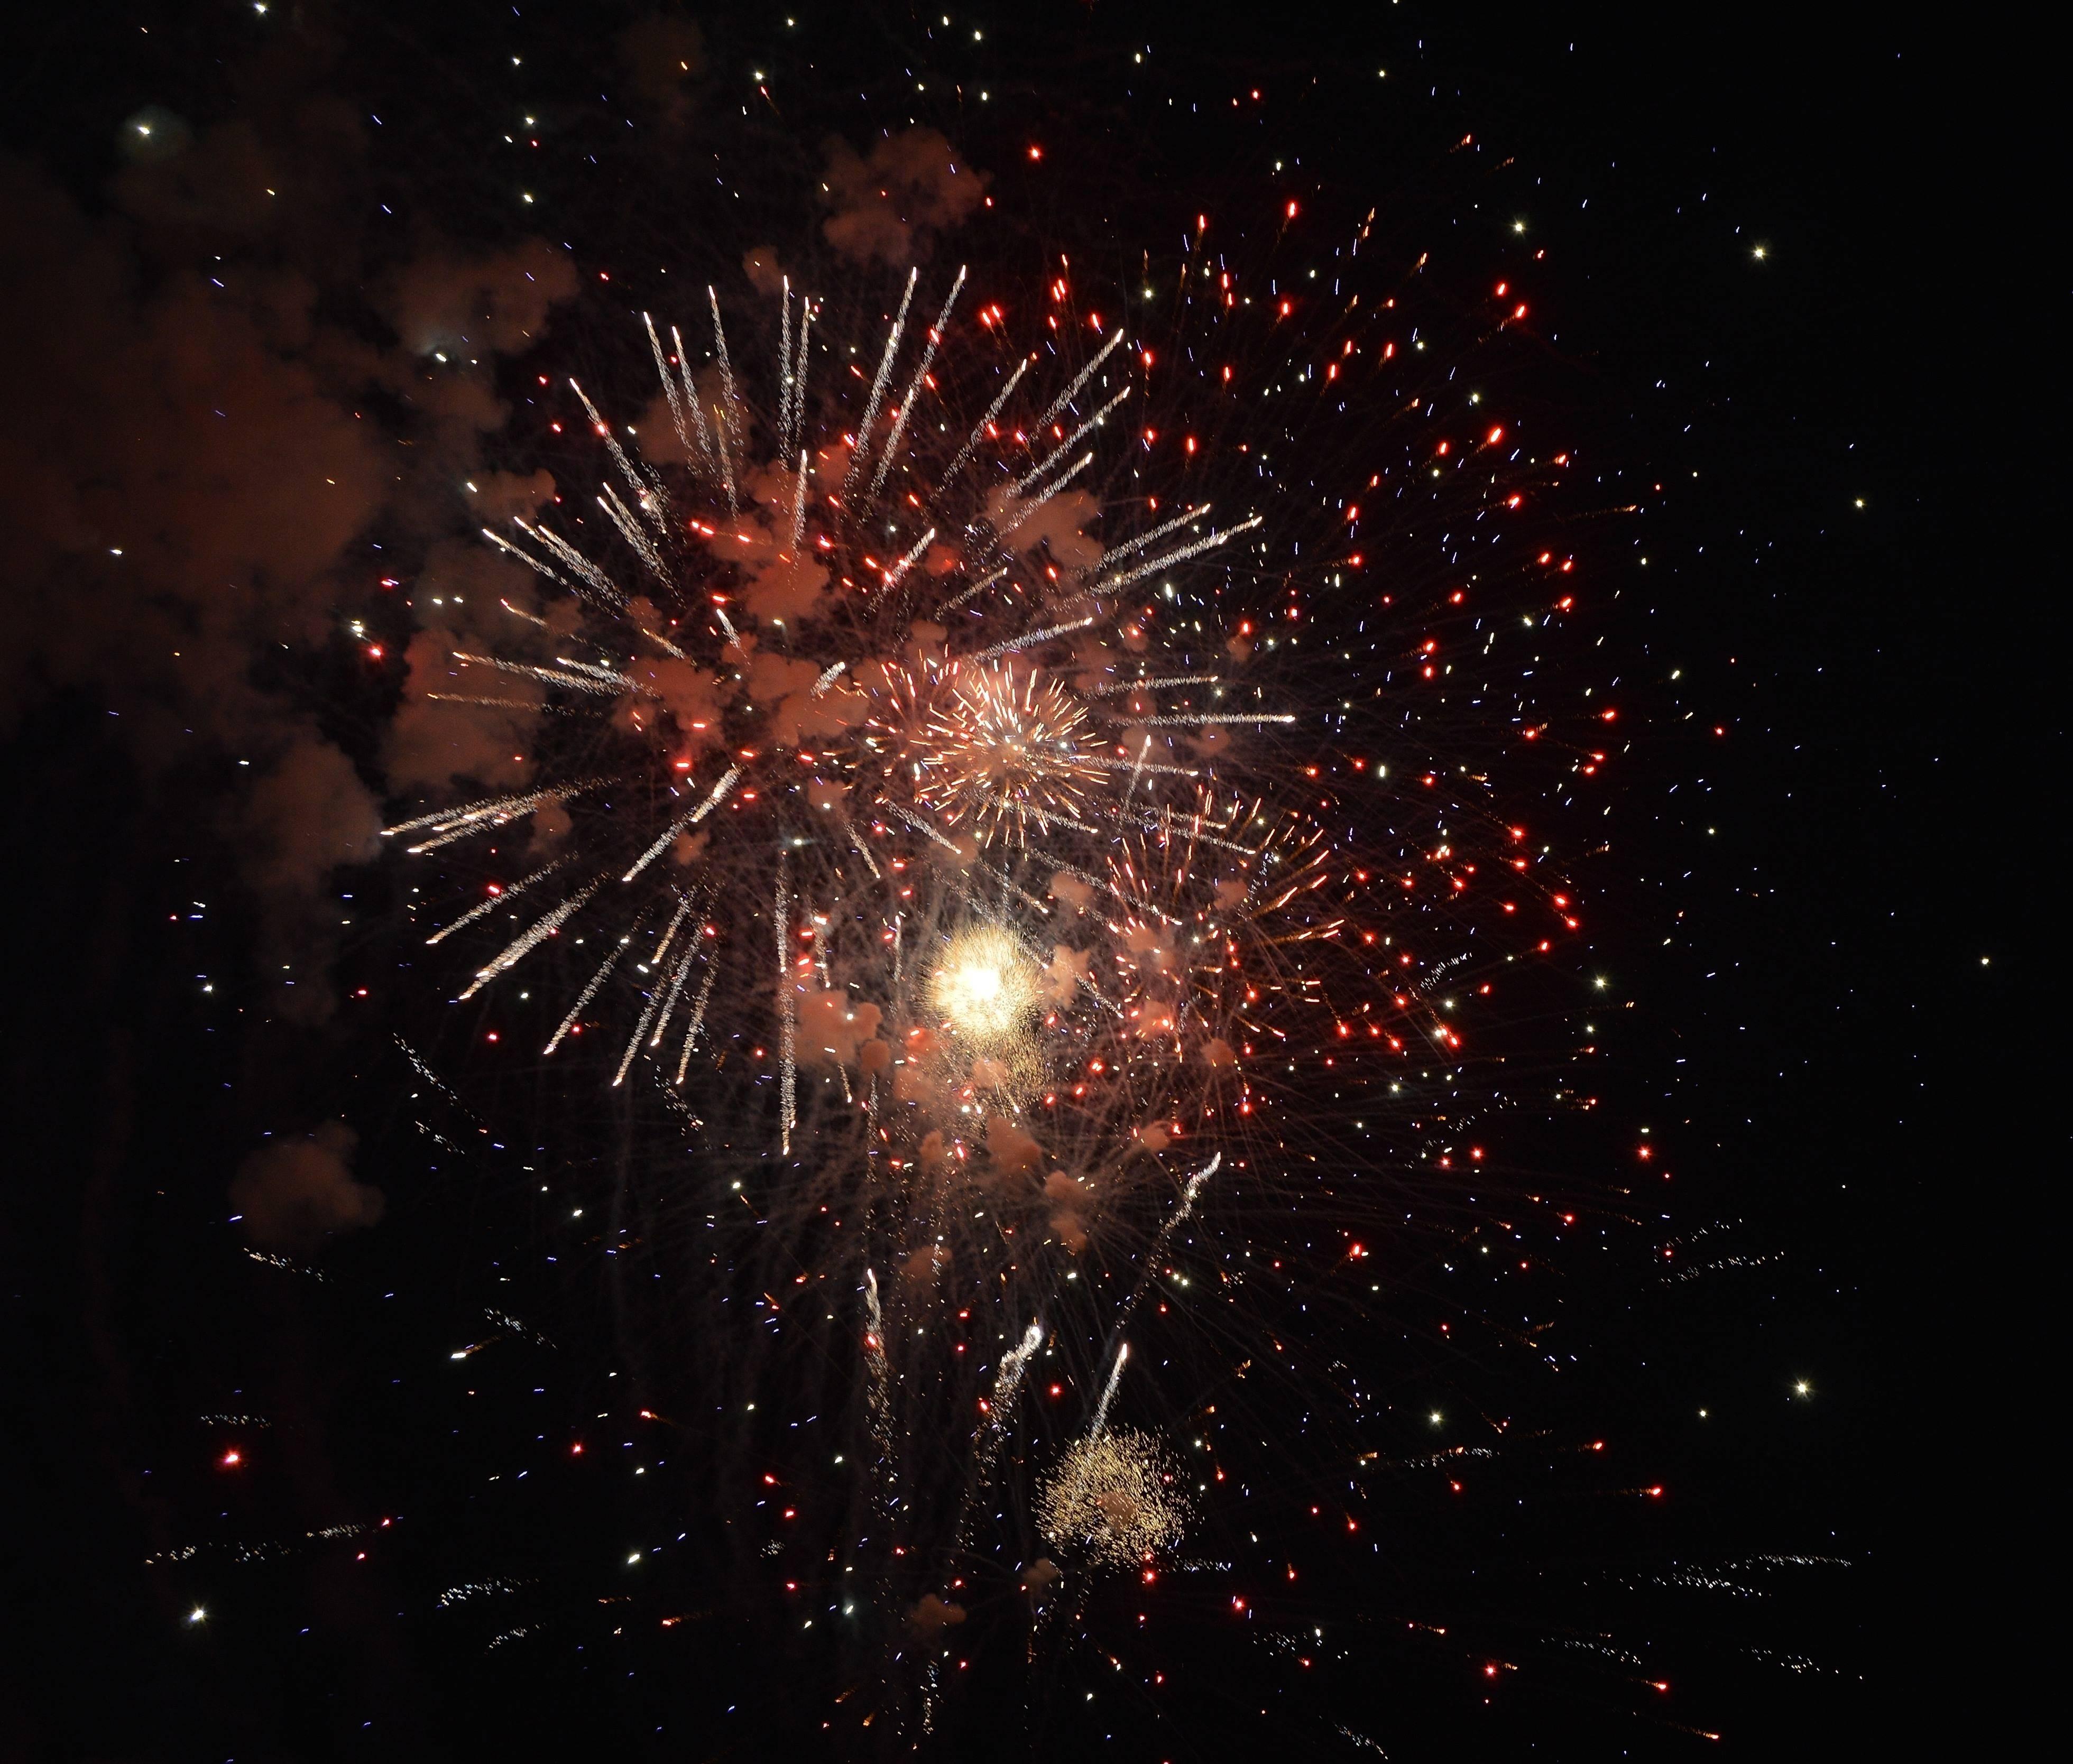 bcf09d8f94f6106367bb_Fireworks2.JPG